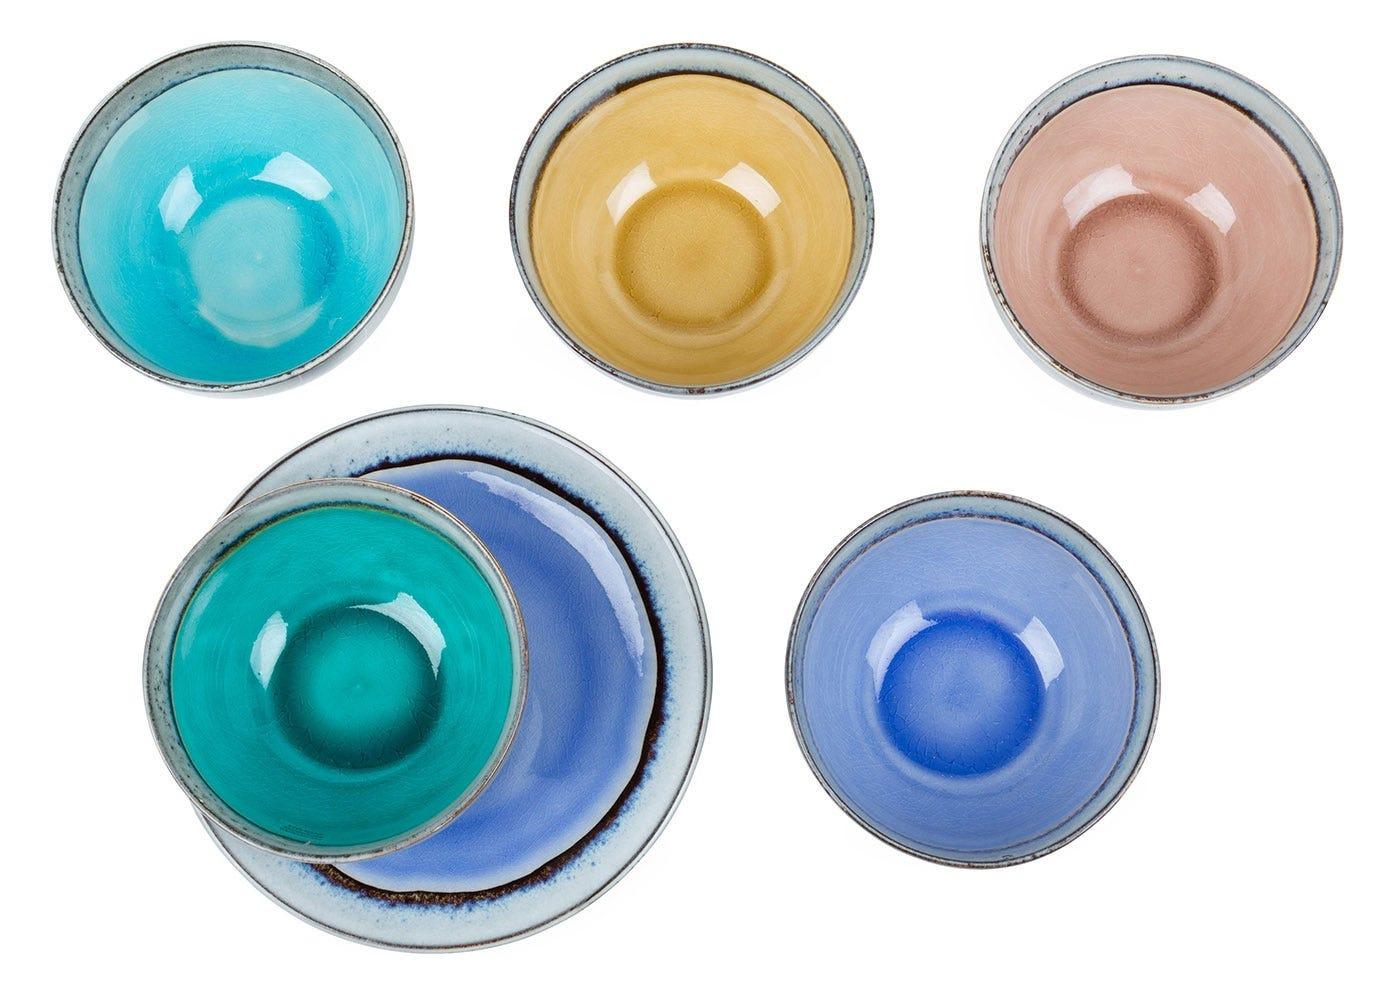 From left to right: Dakara bowl turquoise,Dakara bowl mustard,Dakara bowl pink,Dakara bowl green, Dakara plate, Dakara bowl blue